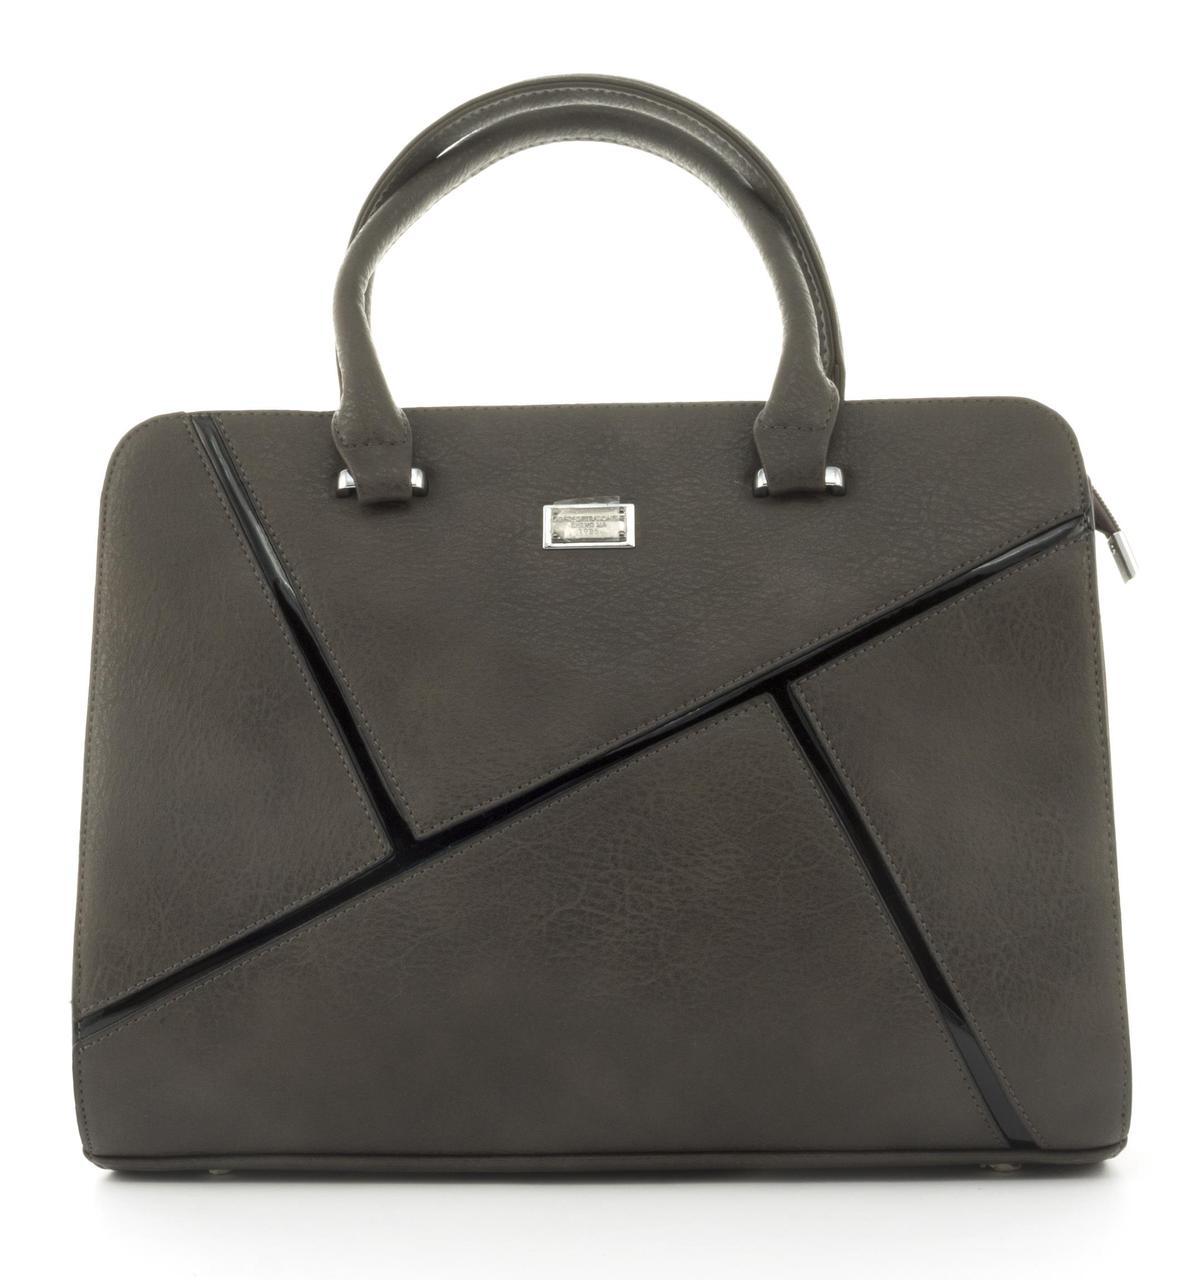 Оригинальная каркасная прочная элегантная женская сумка высокого качества ShengMa art. 881276 коричневая